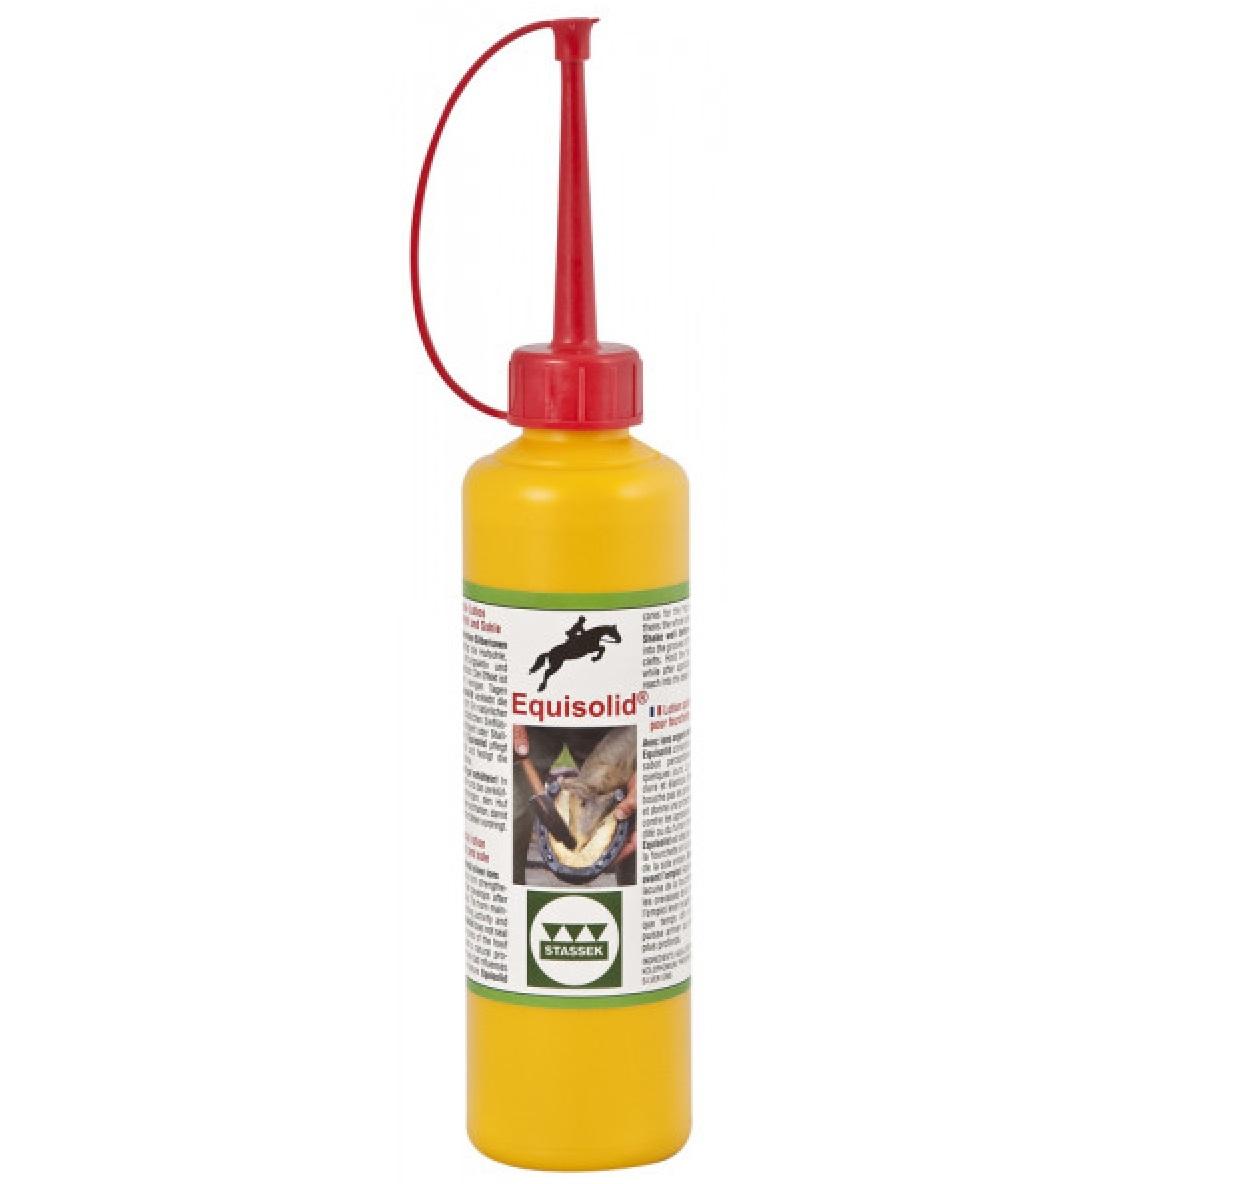 Equisolid® Spezial-Lotion mit Tülle für Hufstrahl/Hufsohle - Qualität von PFIFF